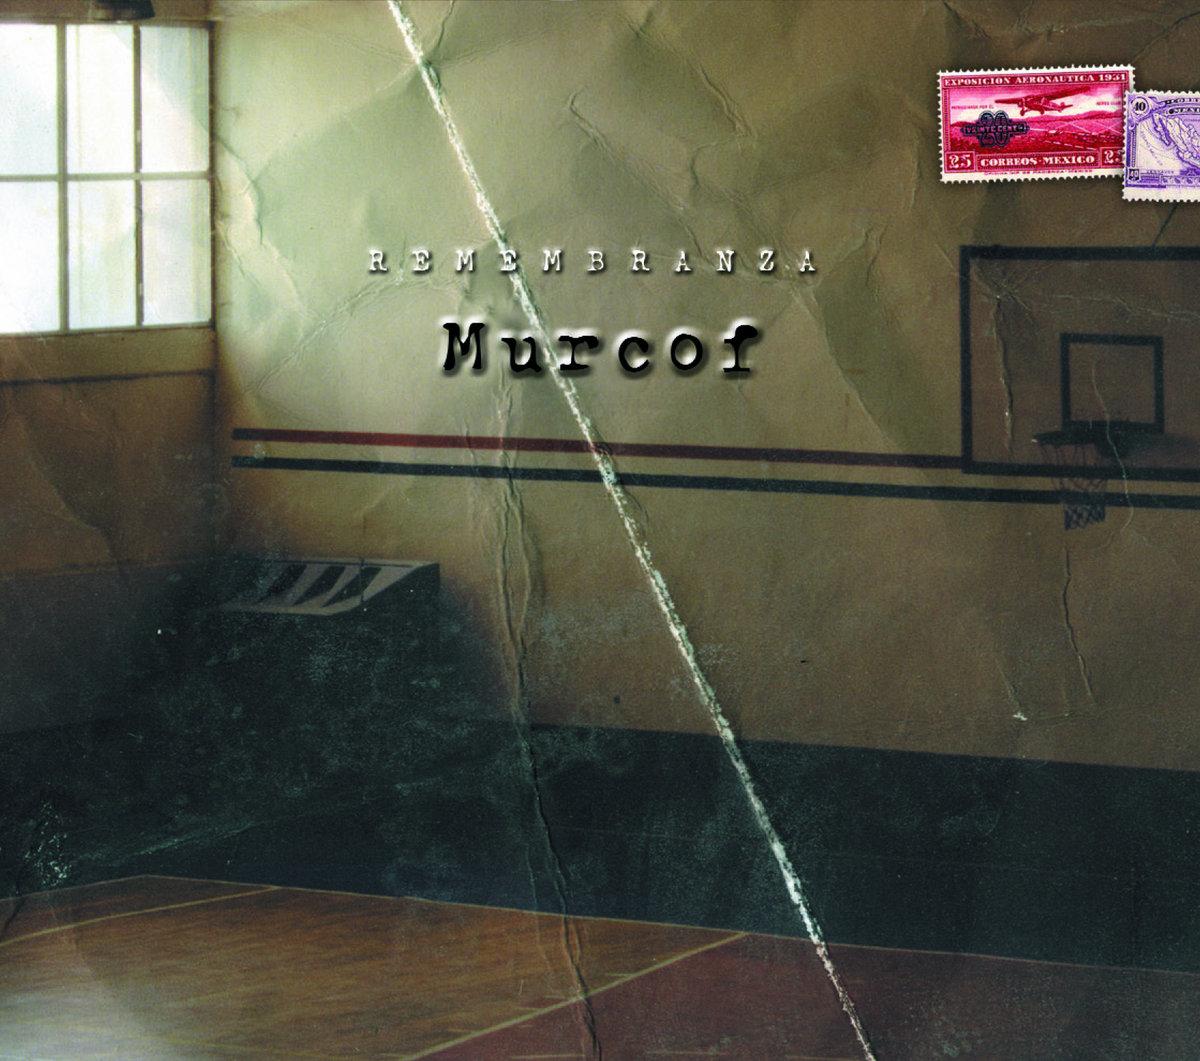 Remembranza | Murcof